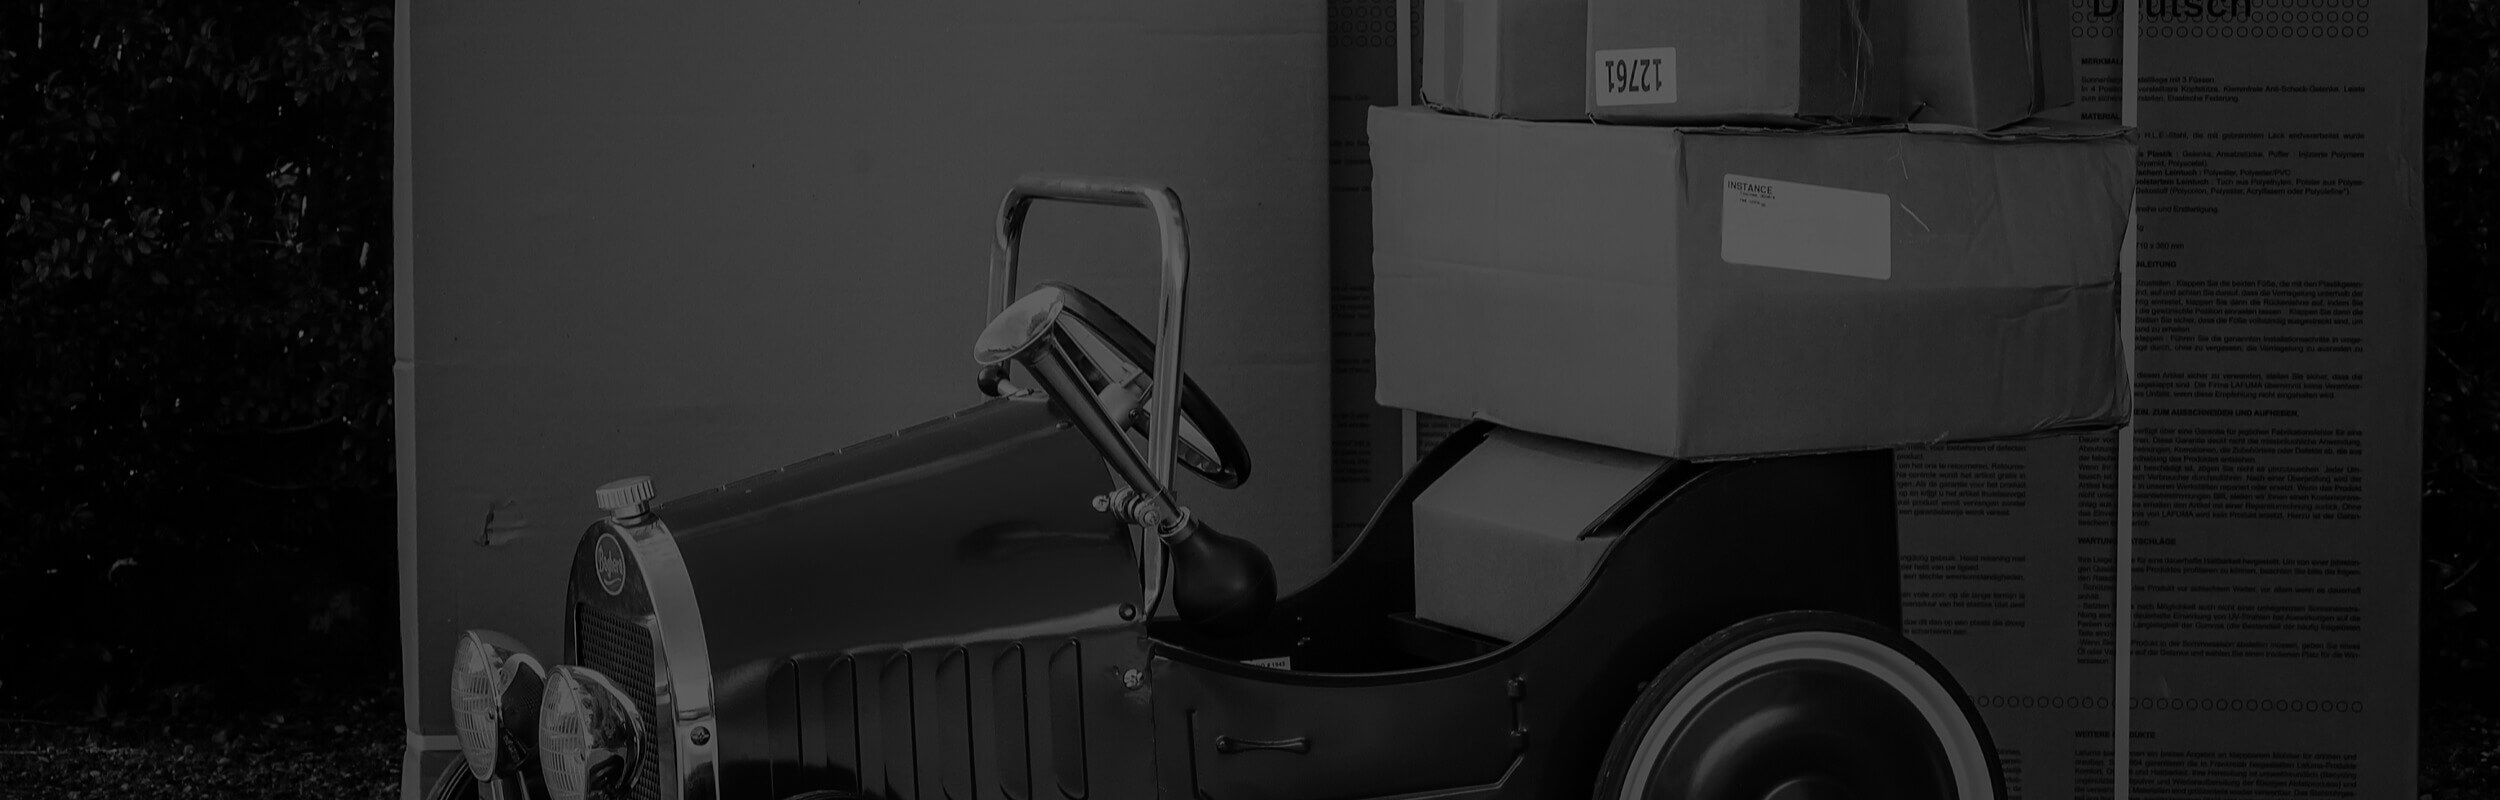 balíky na vozidle